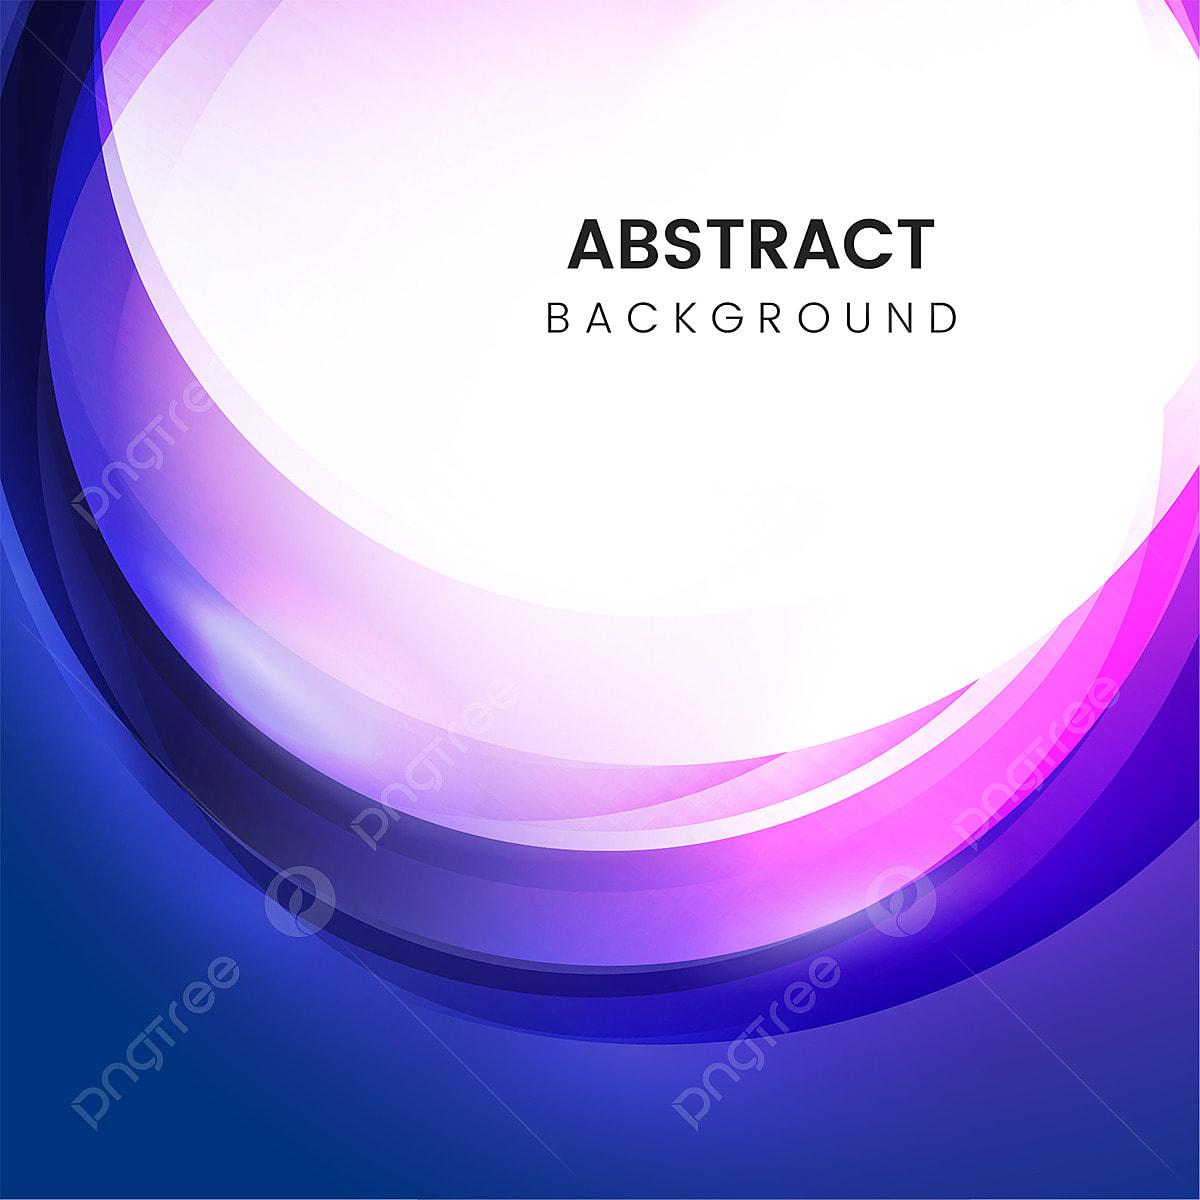 خلفيات ابستراكت مع متعدد الألوان تصميم دائري الملخص خلفية ملونة متعدد الألوان الأزرق والبنفسجي والوردي Png والمتجهات للتحميل مجانا